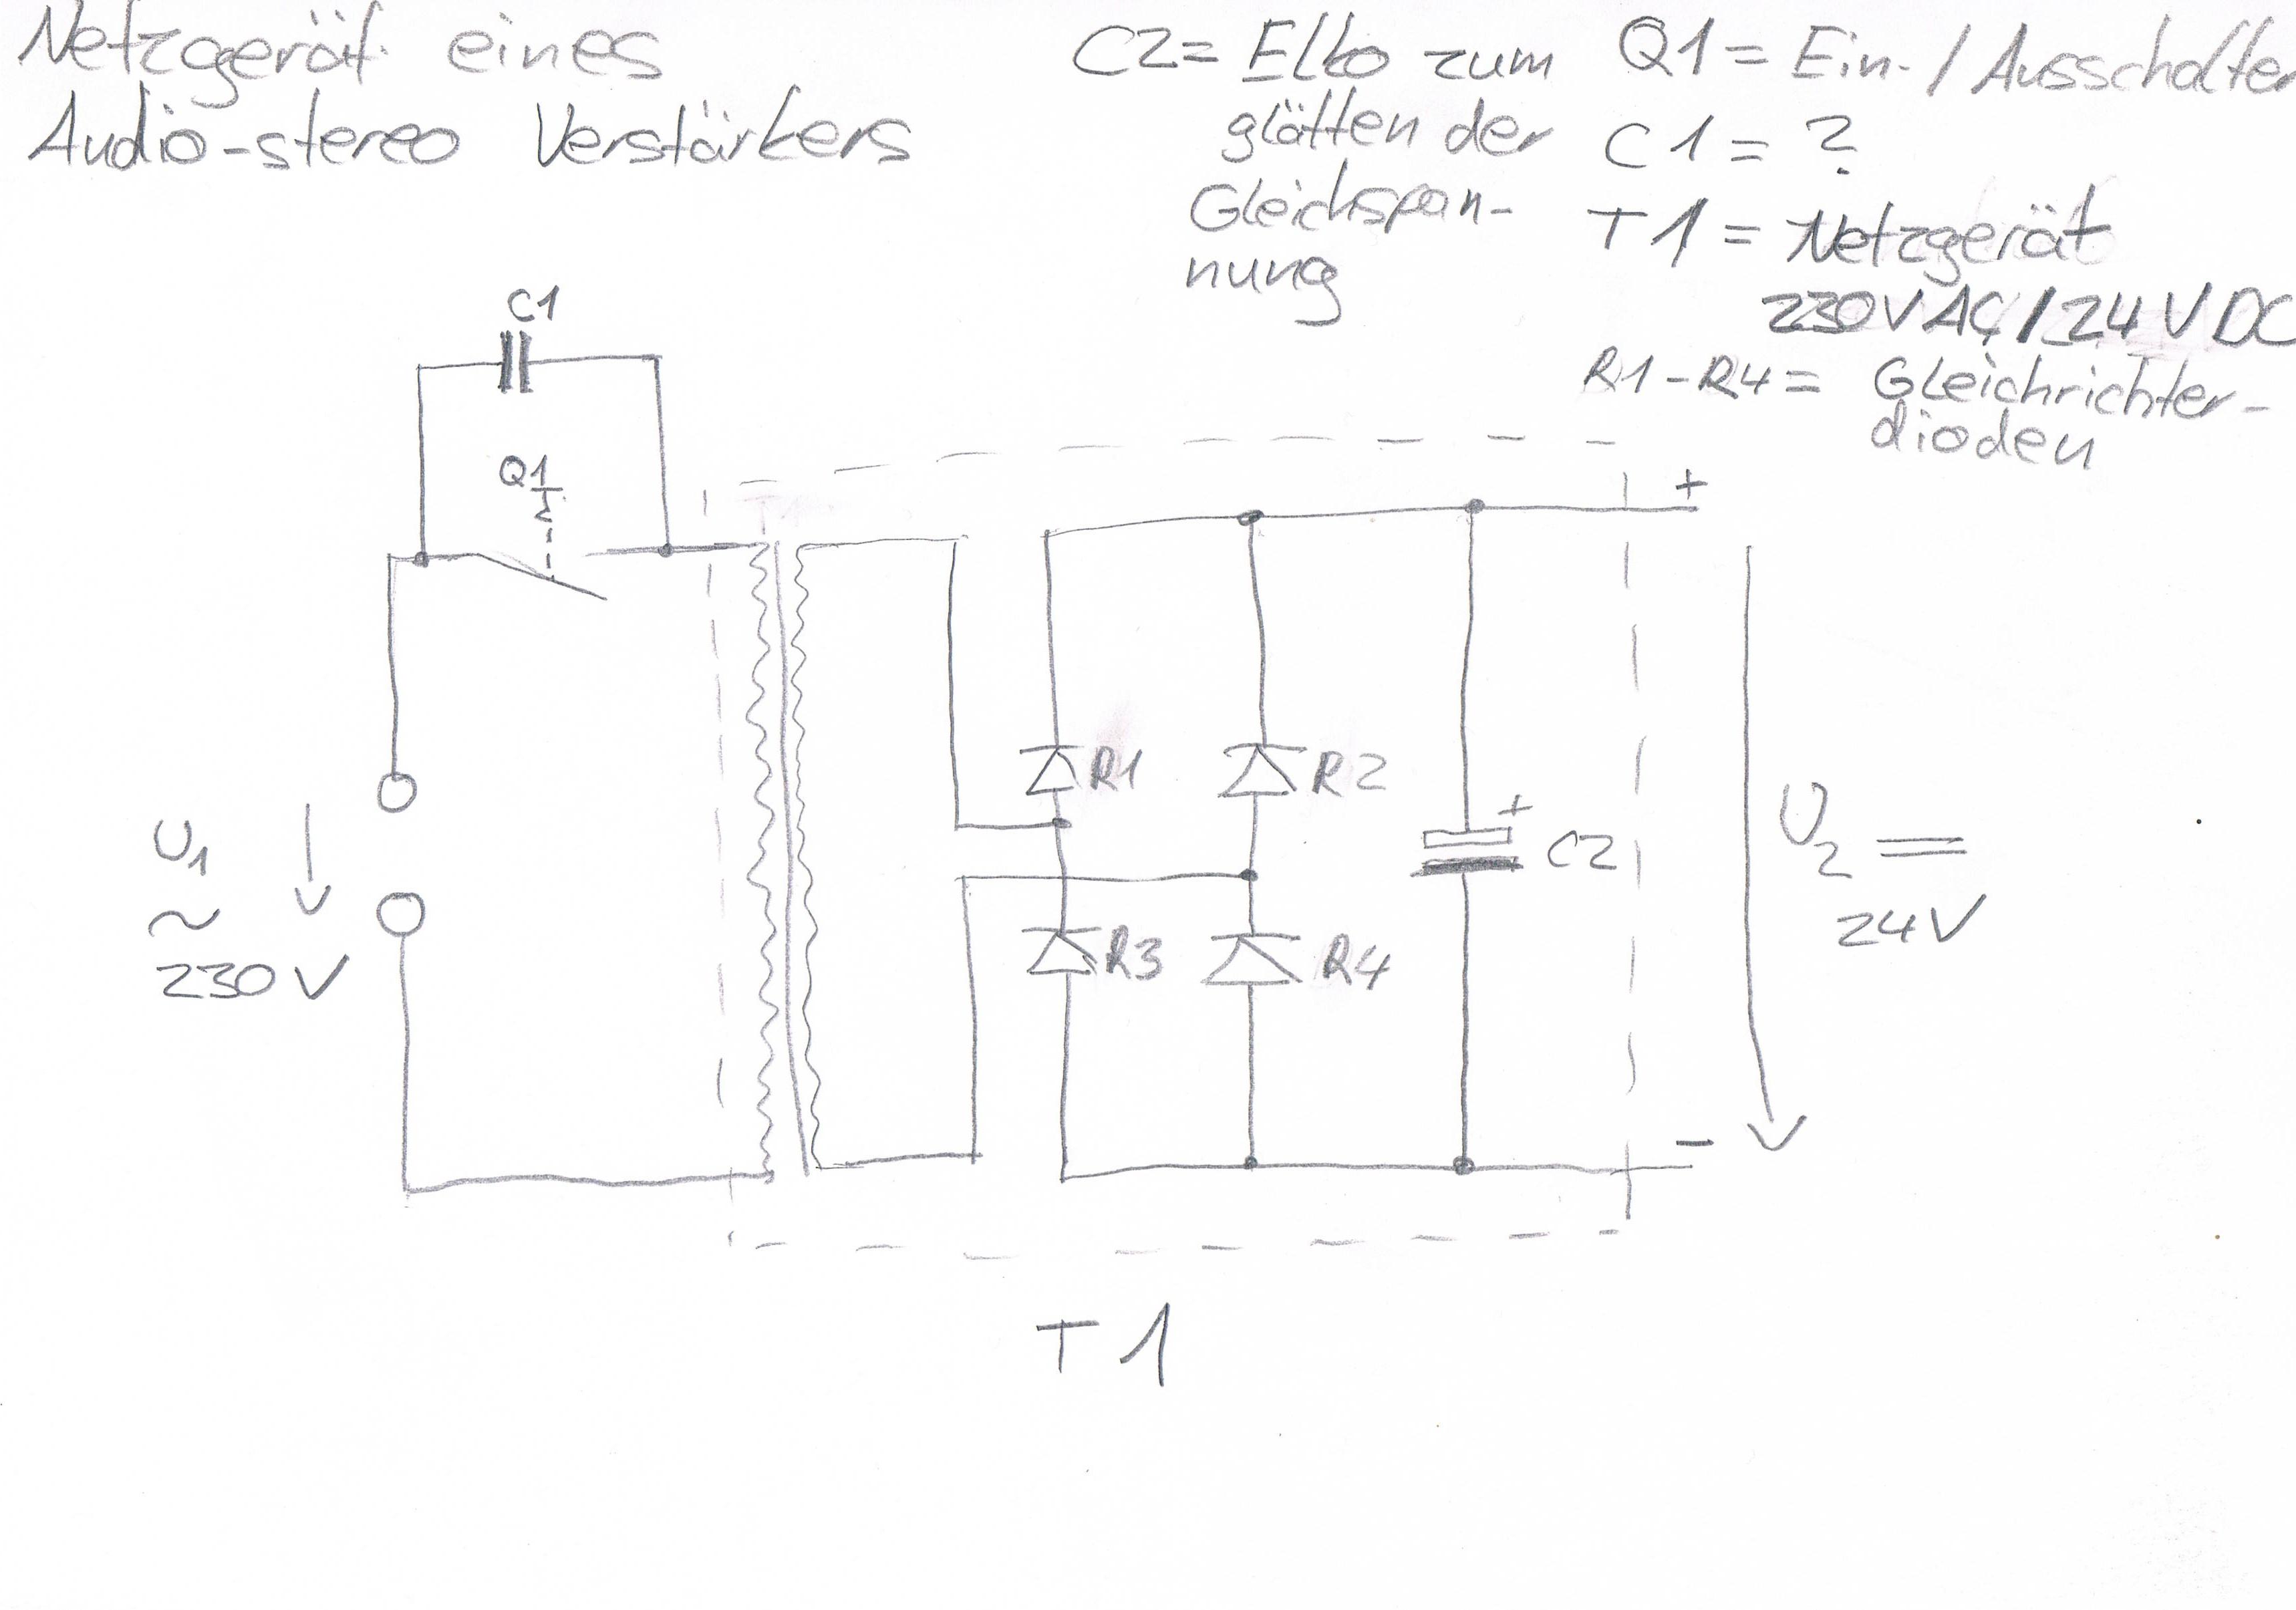 Ausgezeichnet Motor Kondensator Schaltplan Ideen - Elektrische ...